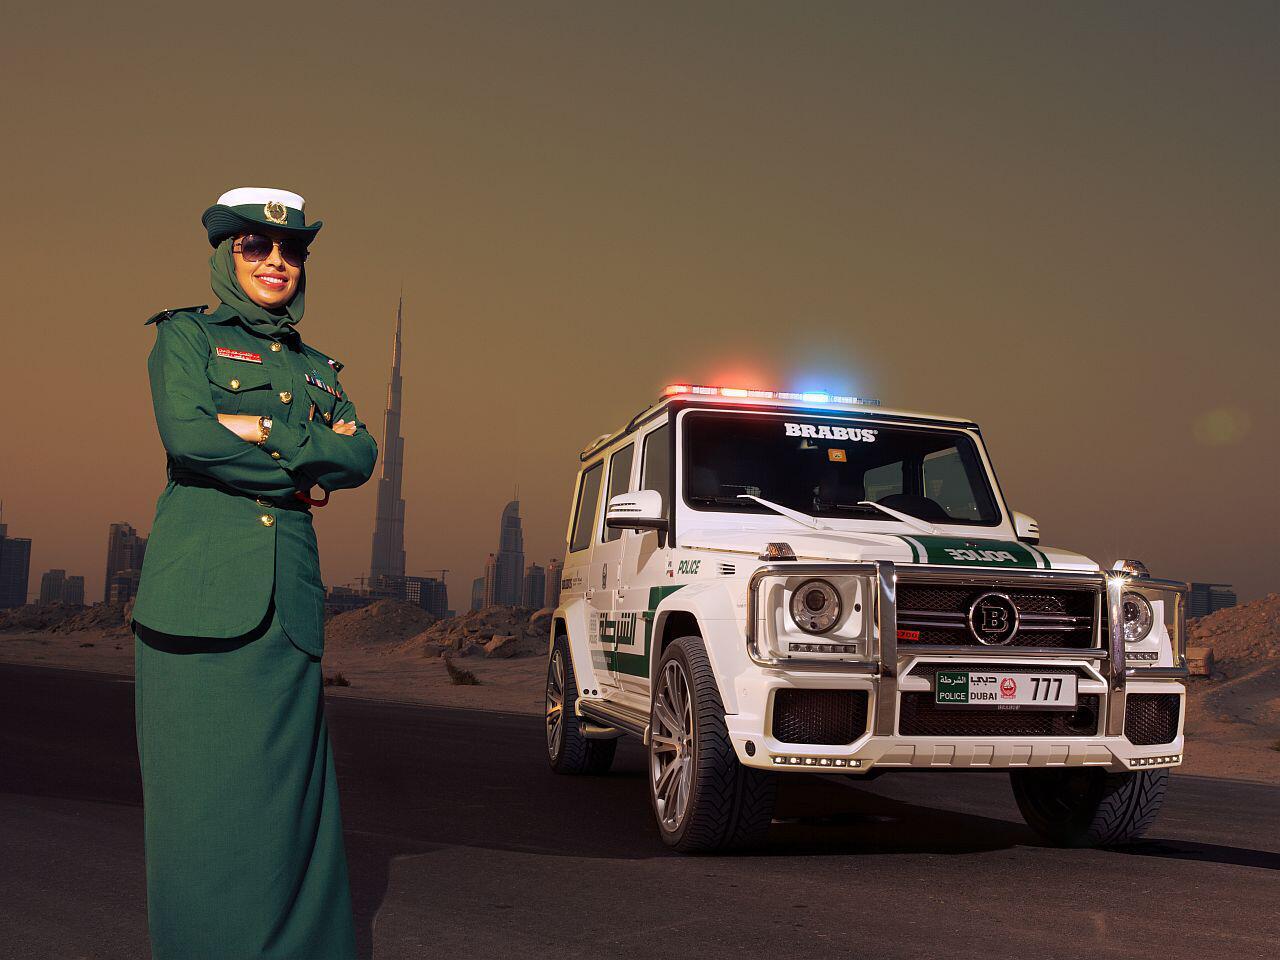 Bild zu Brachiales Showcar für die Polizei von Dubai